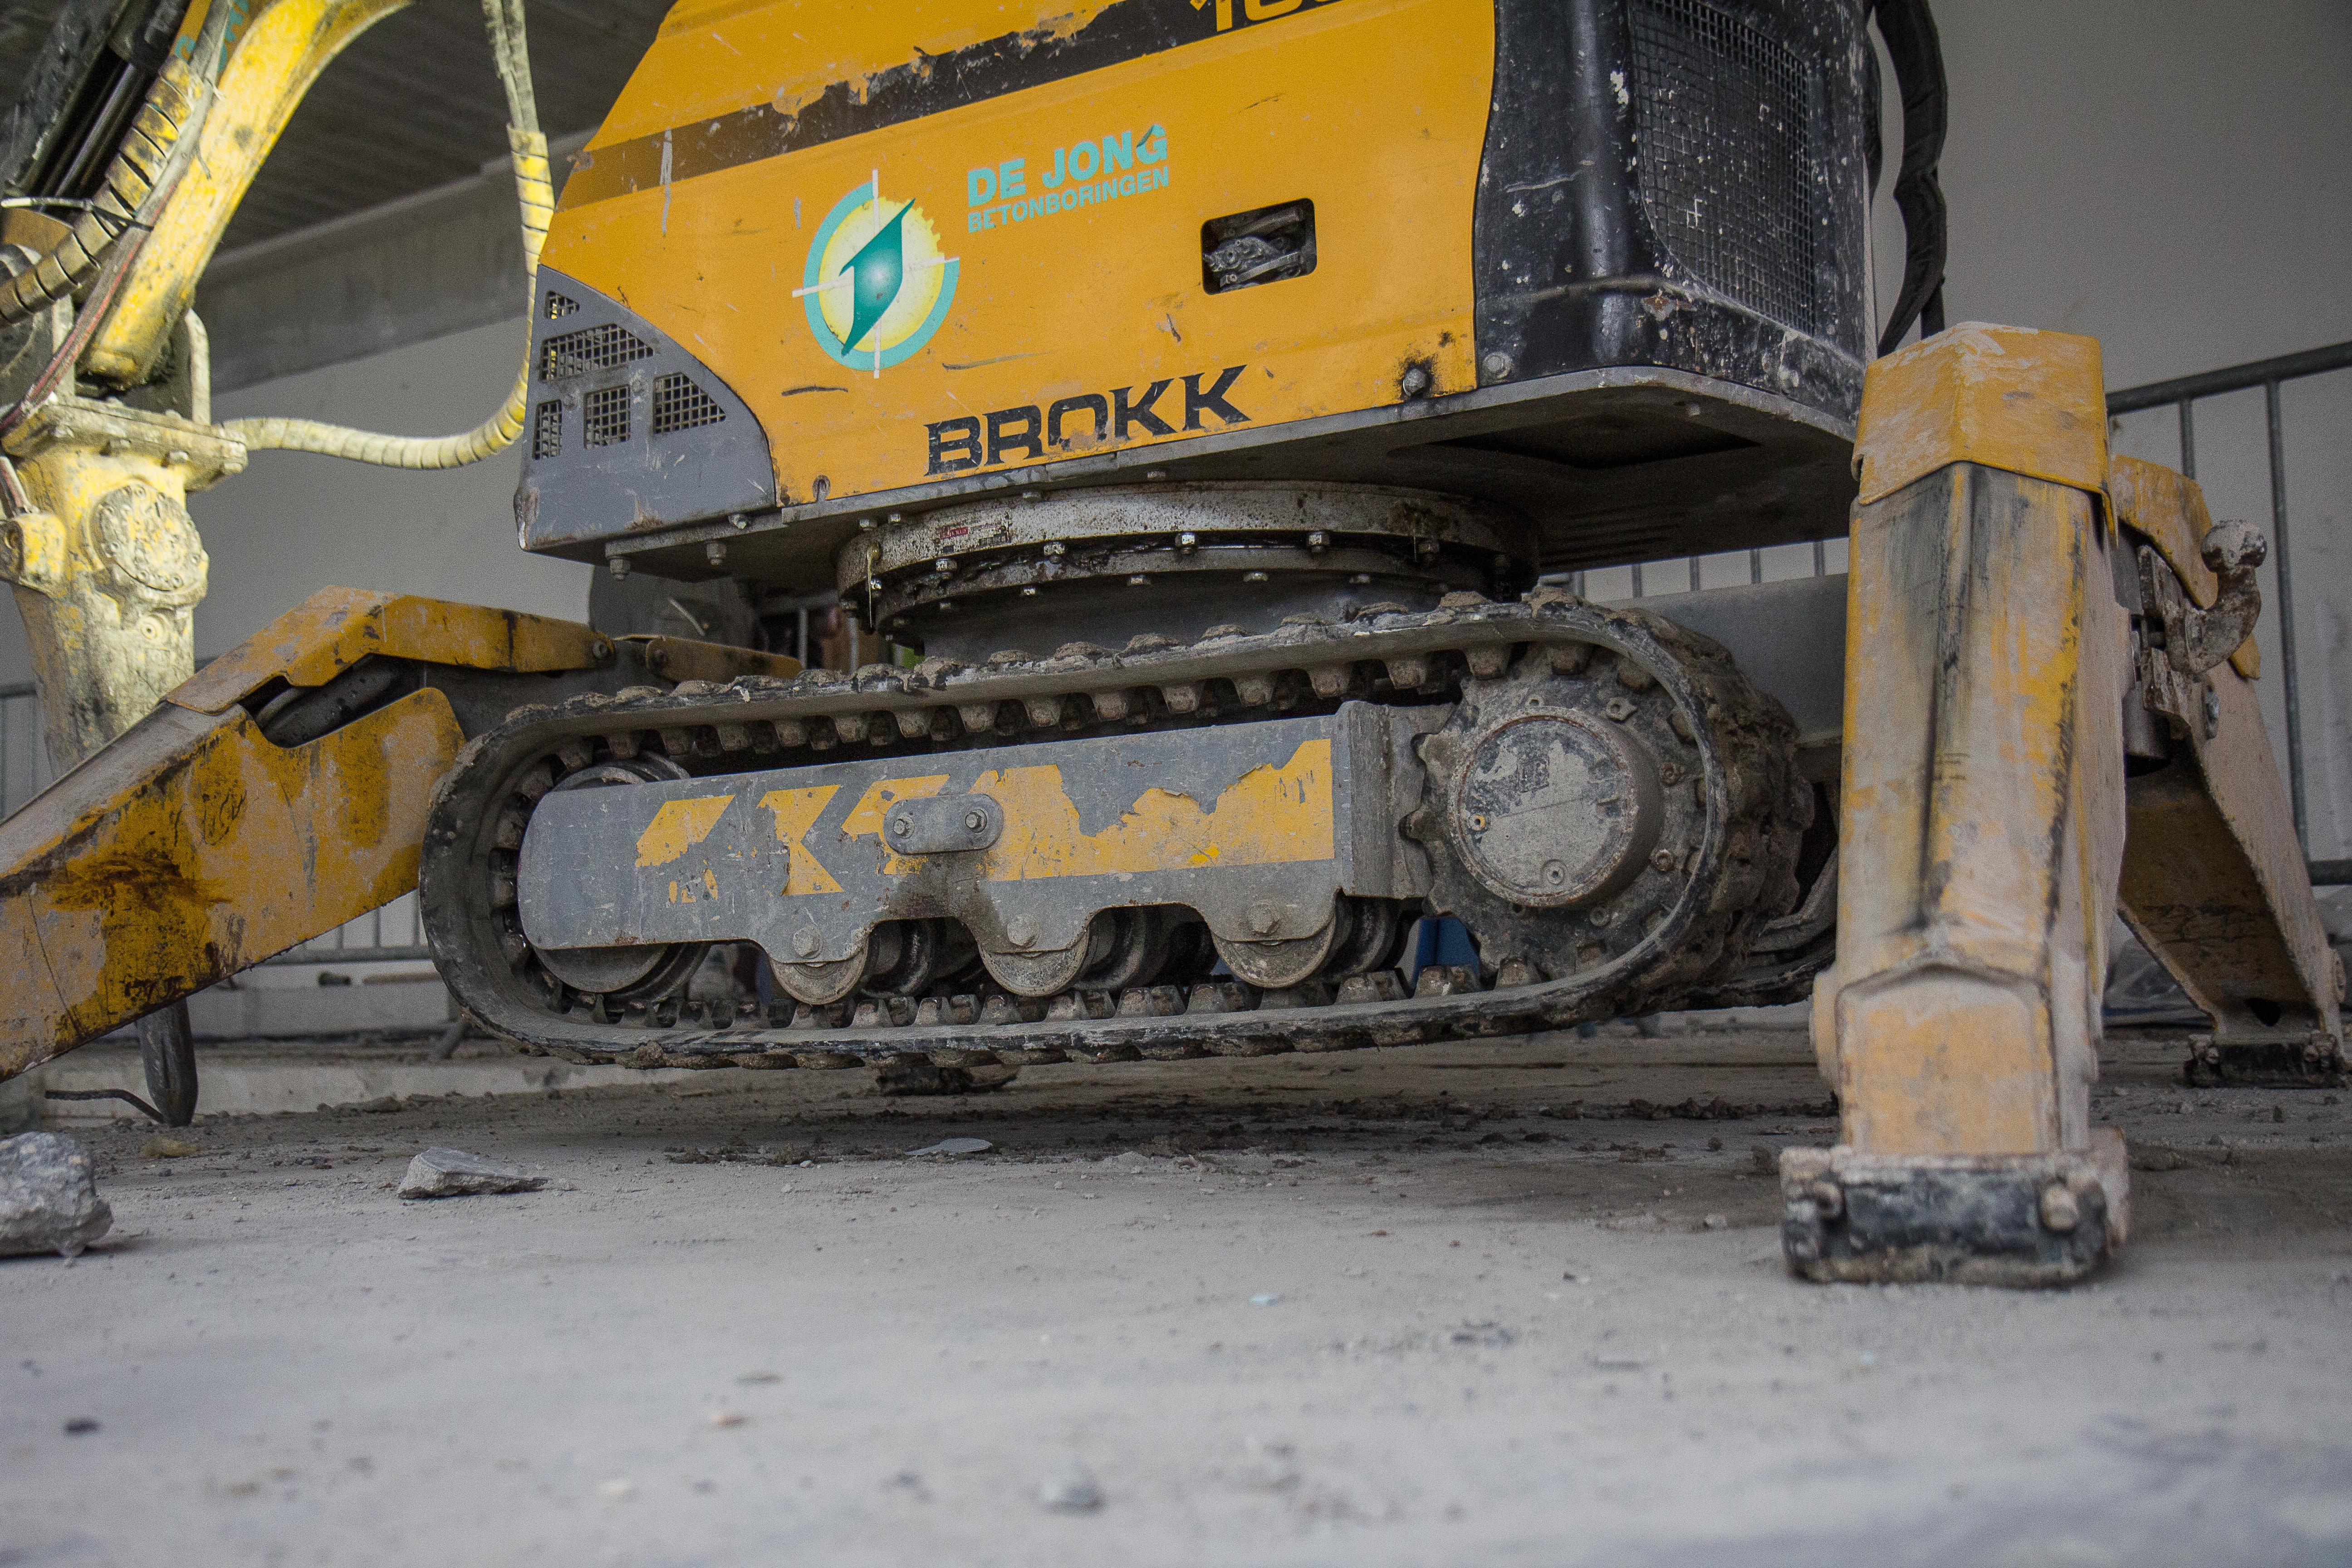 <p>De Brokk is licht en werkt met een zware tool. De stabiliteit is dus een concessie, vooral bij het verzetten. Afgestempeld staat hij als een huis. Huisje.</p>